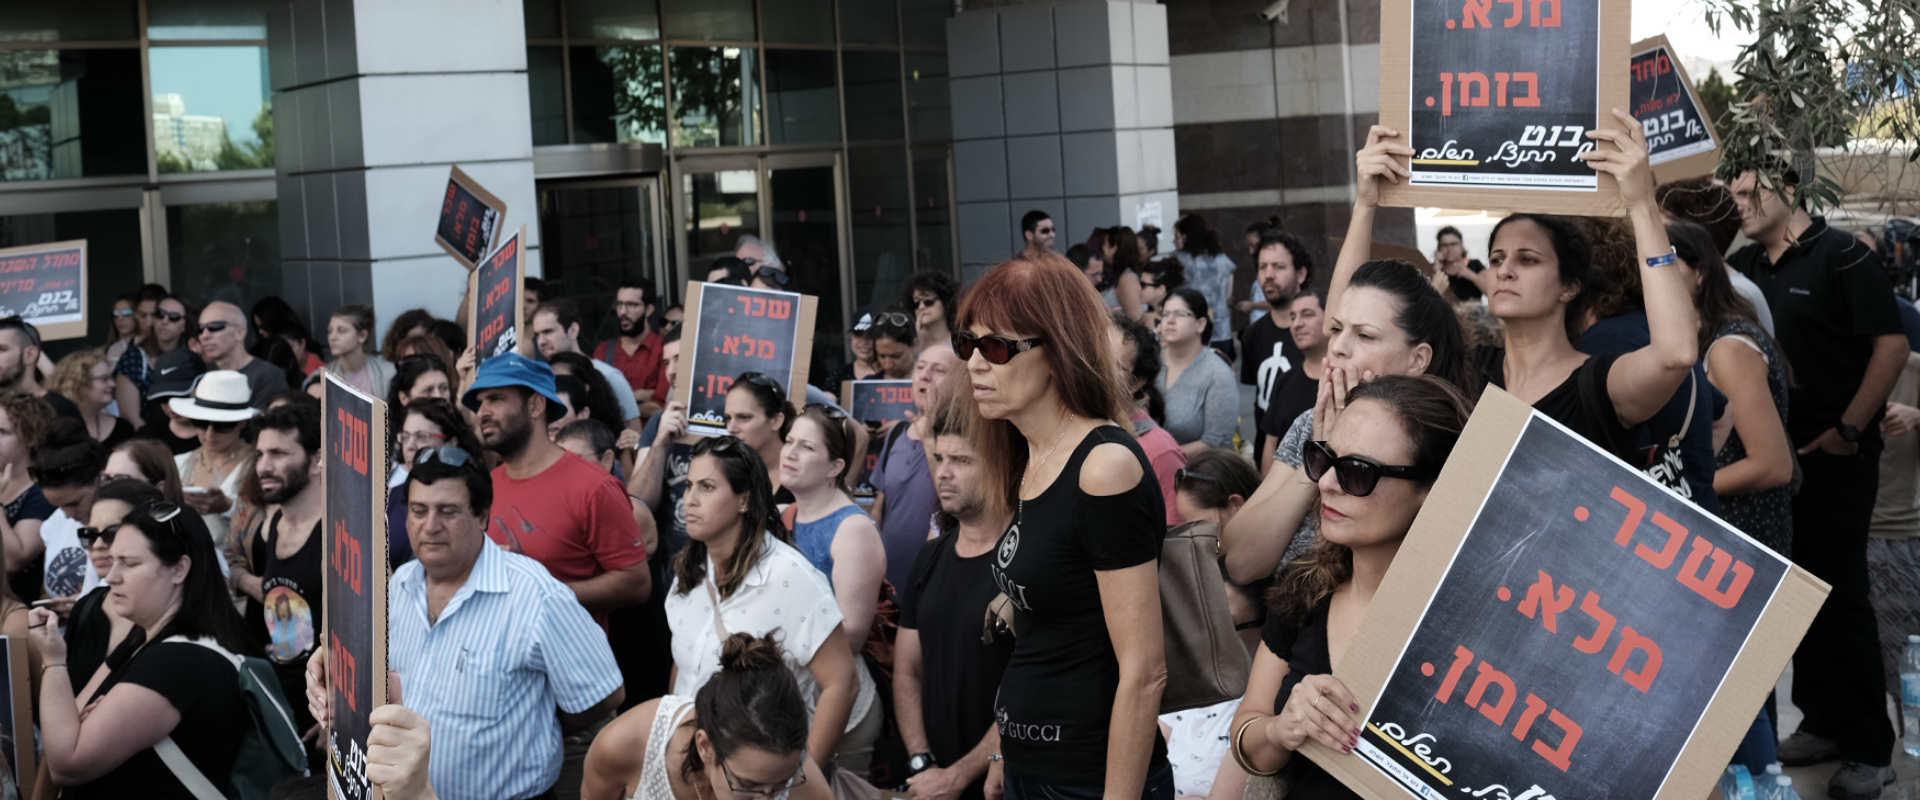 """מורים מפגינים מחוץ למשרד החינוך בת""""א, בשנה שעברה"""